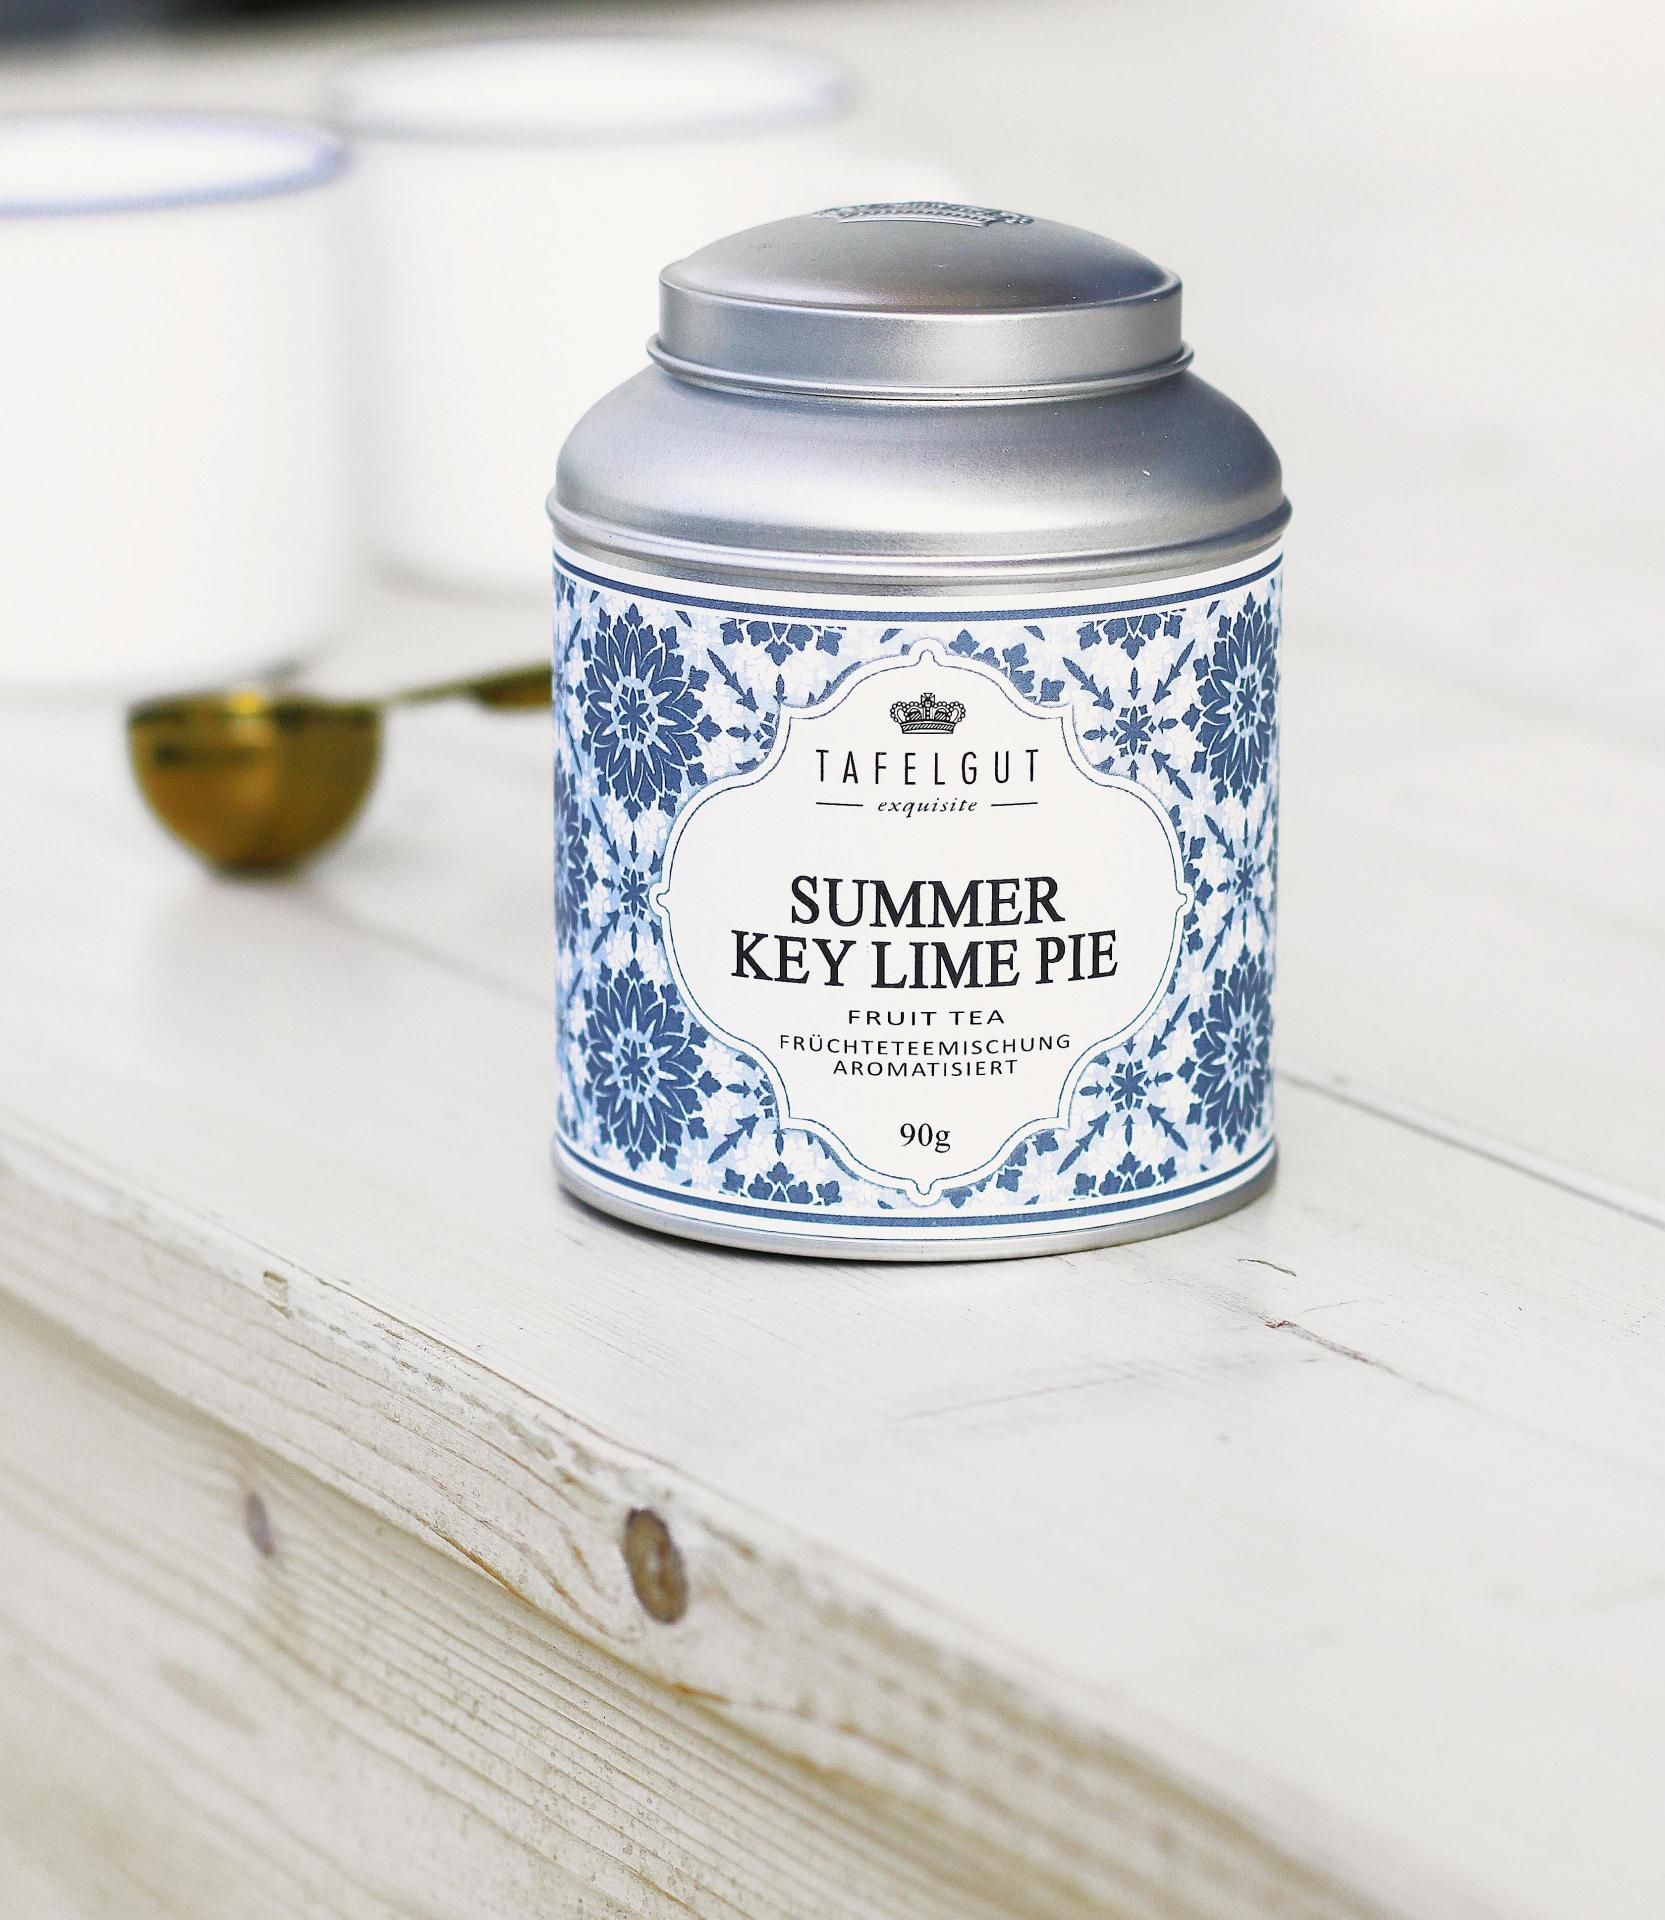 TAFELGUT Sypaný ovocný čaj Summer Key Lime Pie - 90gr, modrá barva, kov